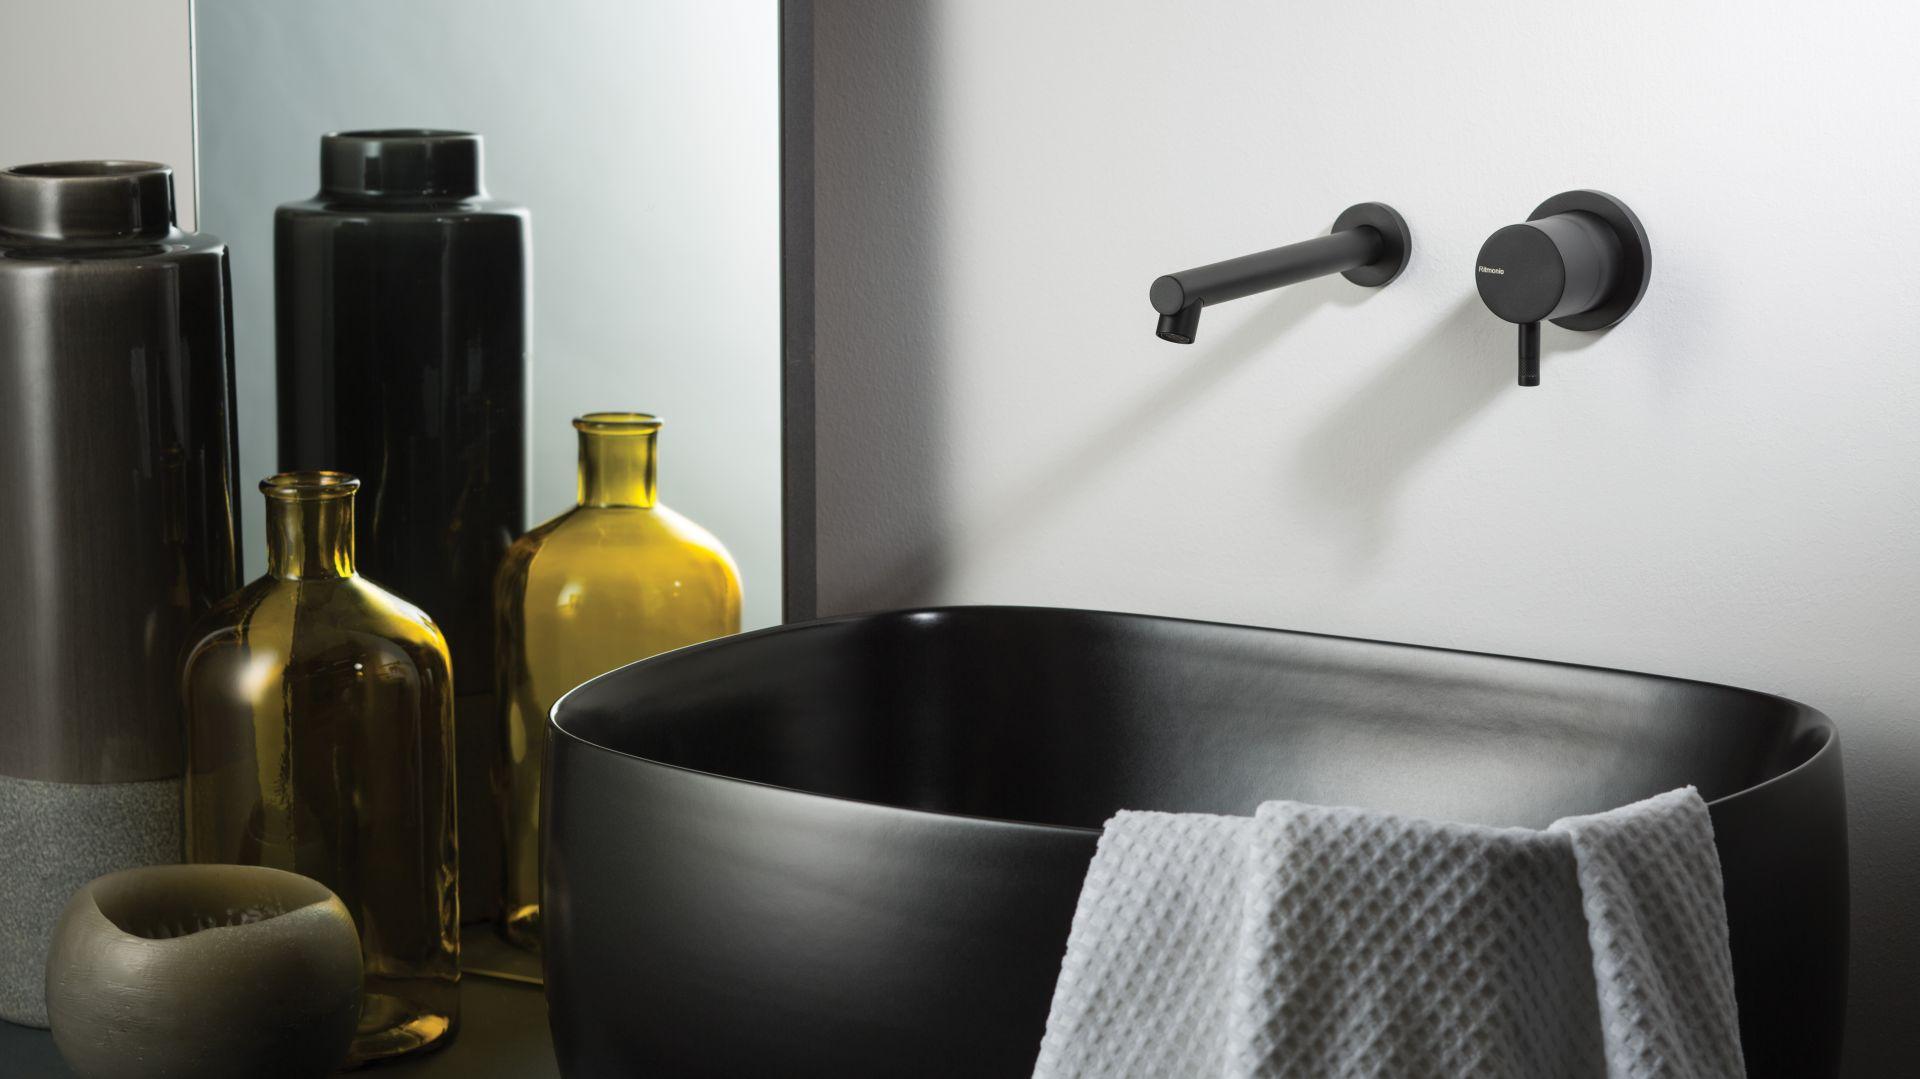 Bateria umywalkowa z kolekcji Diametro35BW marki Ritmonio, w czarnym matowym wykończeniu. Fot. Ritmonio